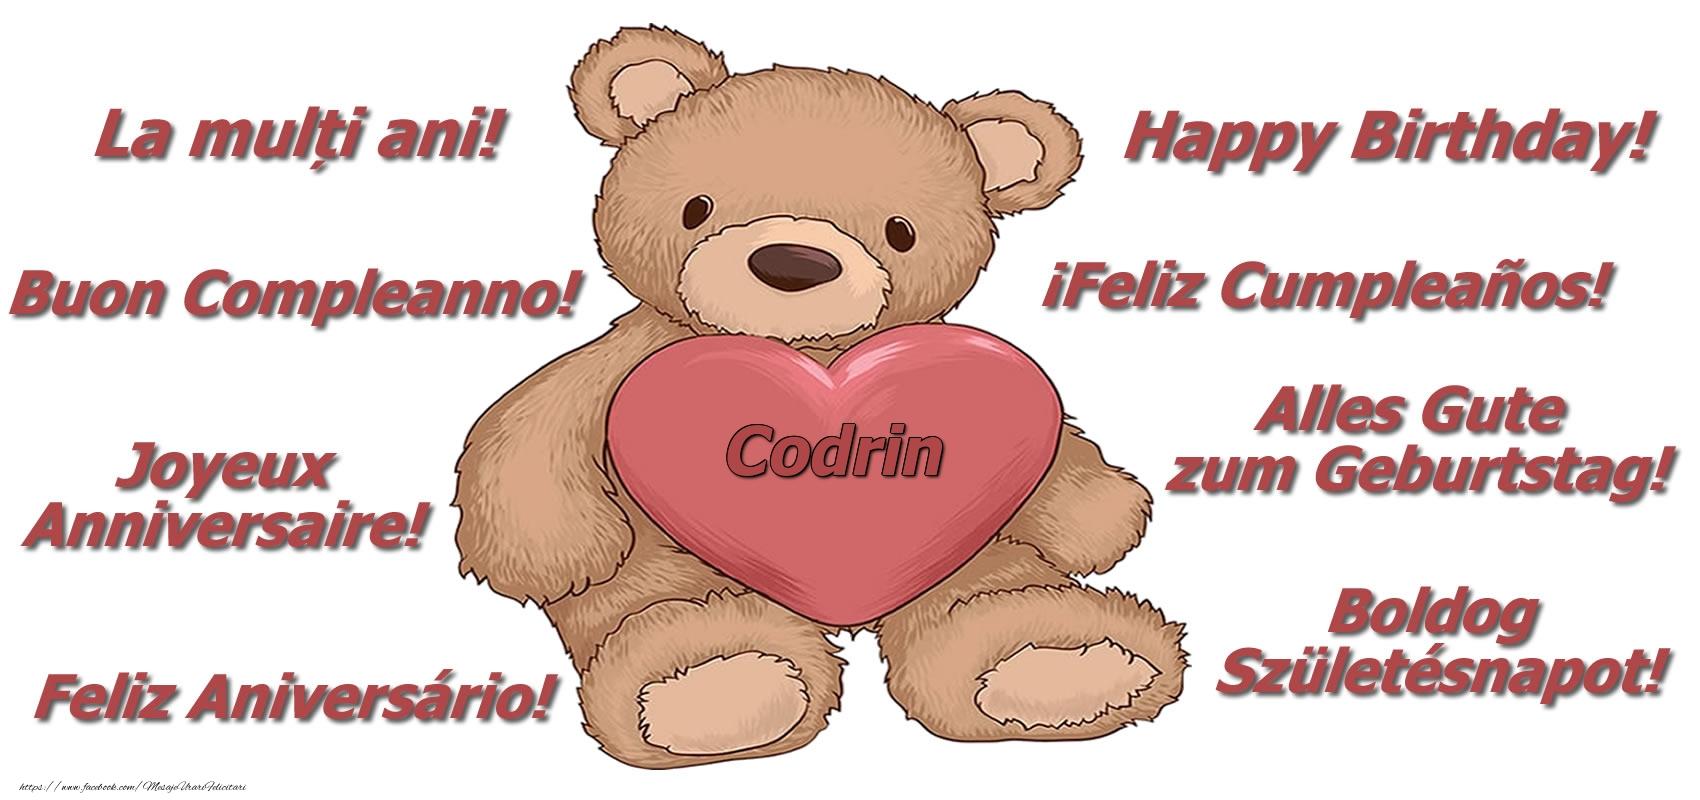 Felicitari de zi de nastere - La multi ani Codrin! - Ursulet